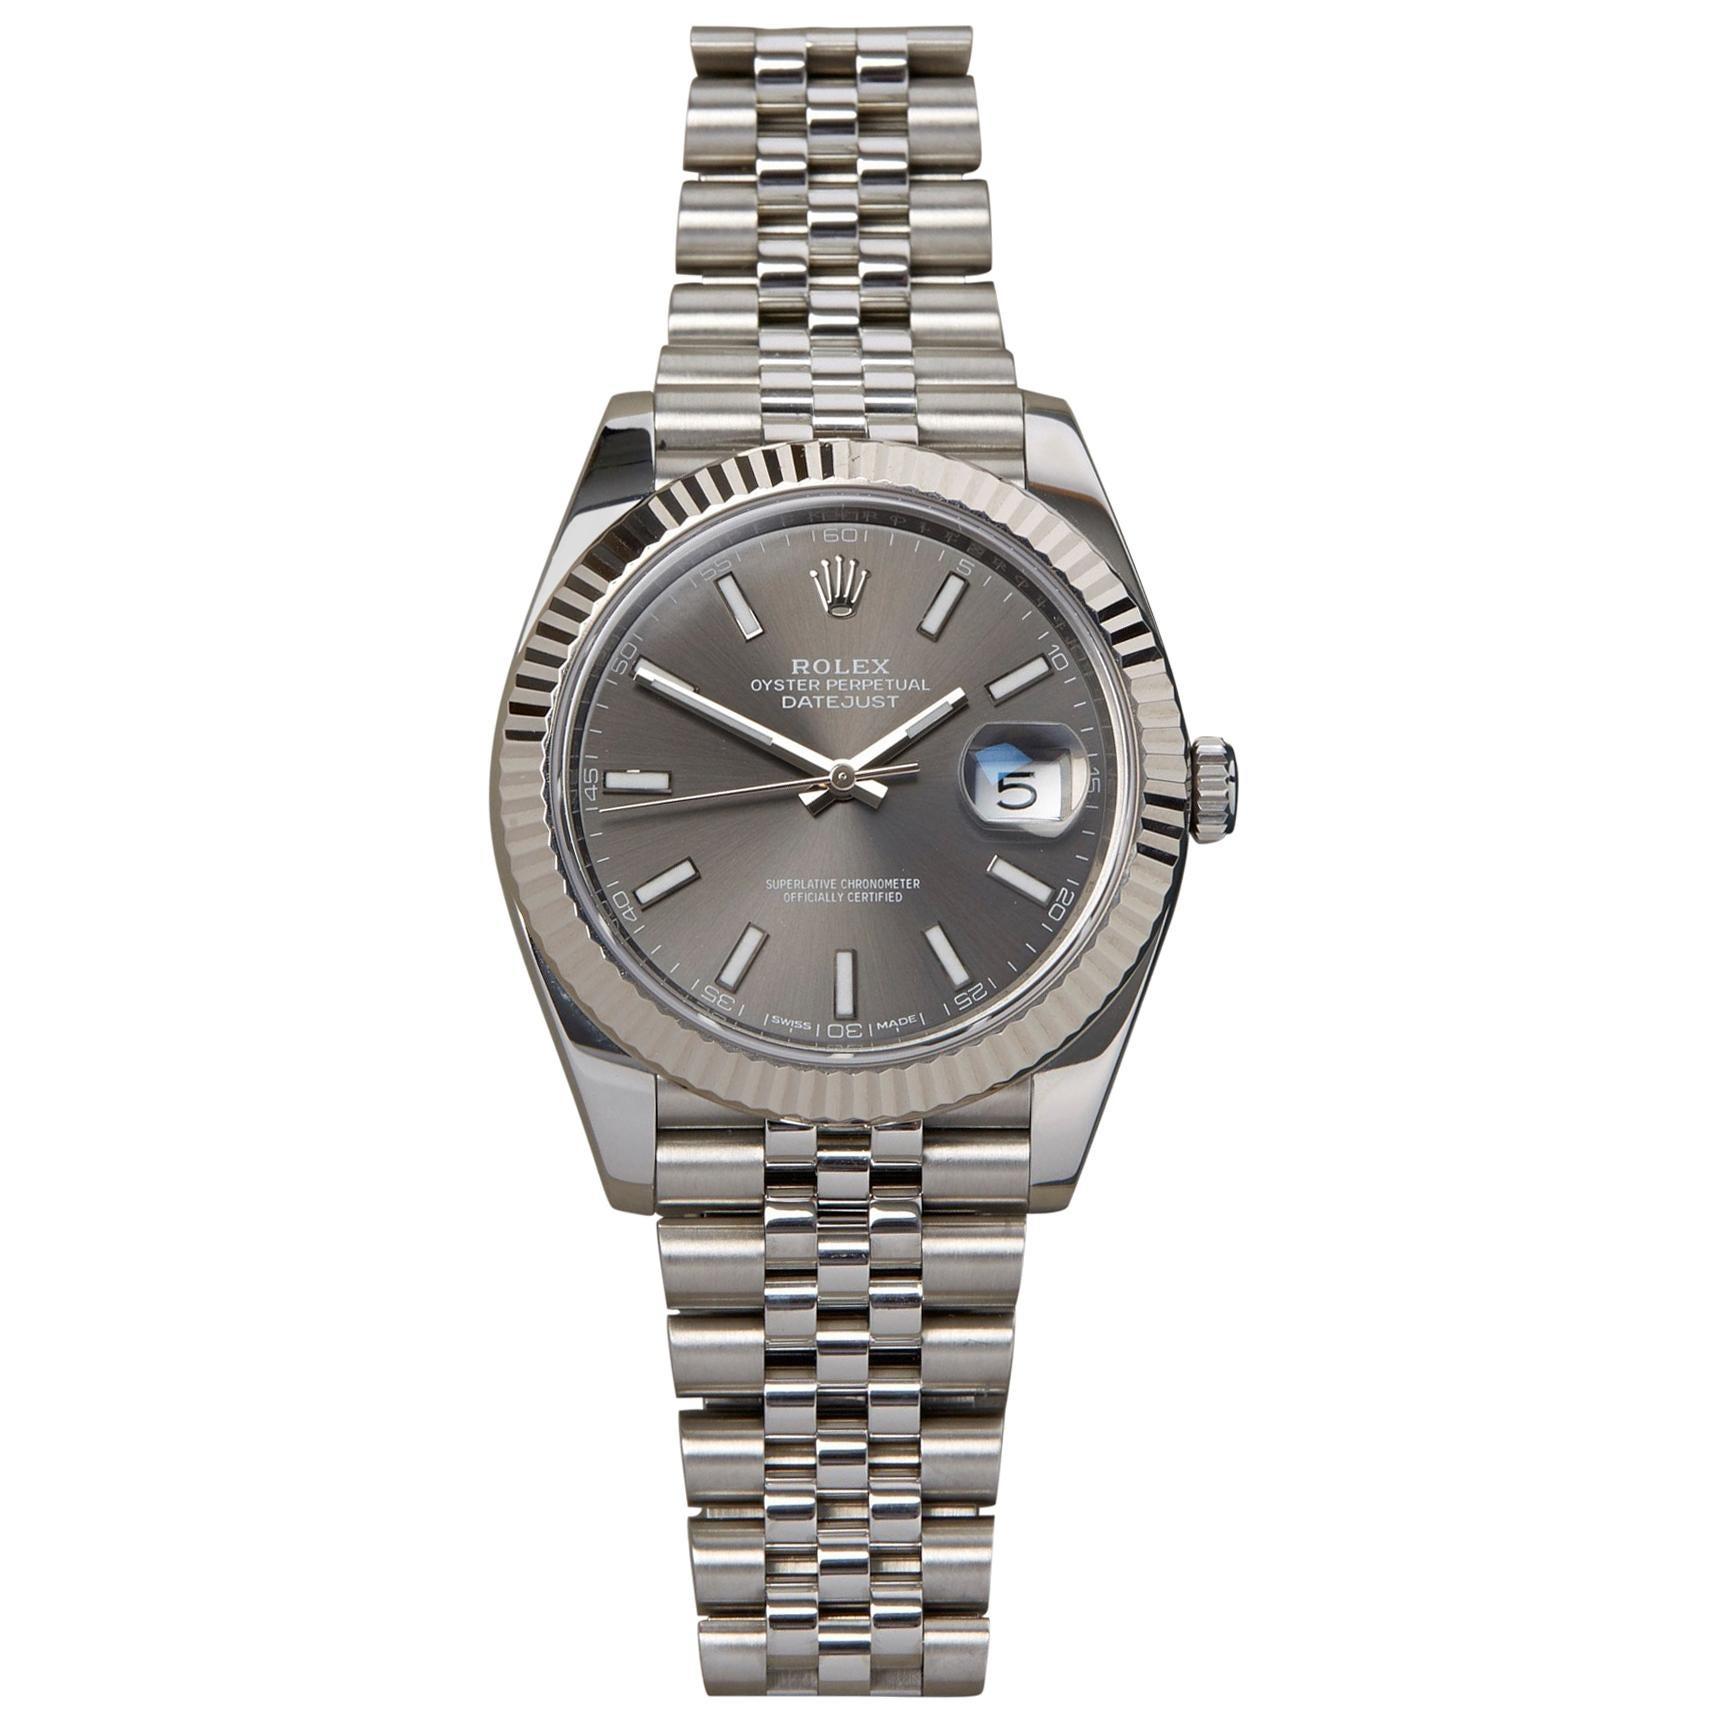 Rolex Datejust 41 126334 Men's Stainless Steel 0 Watch